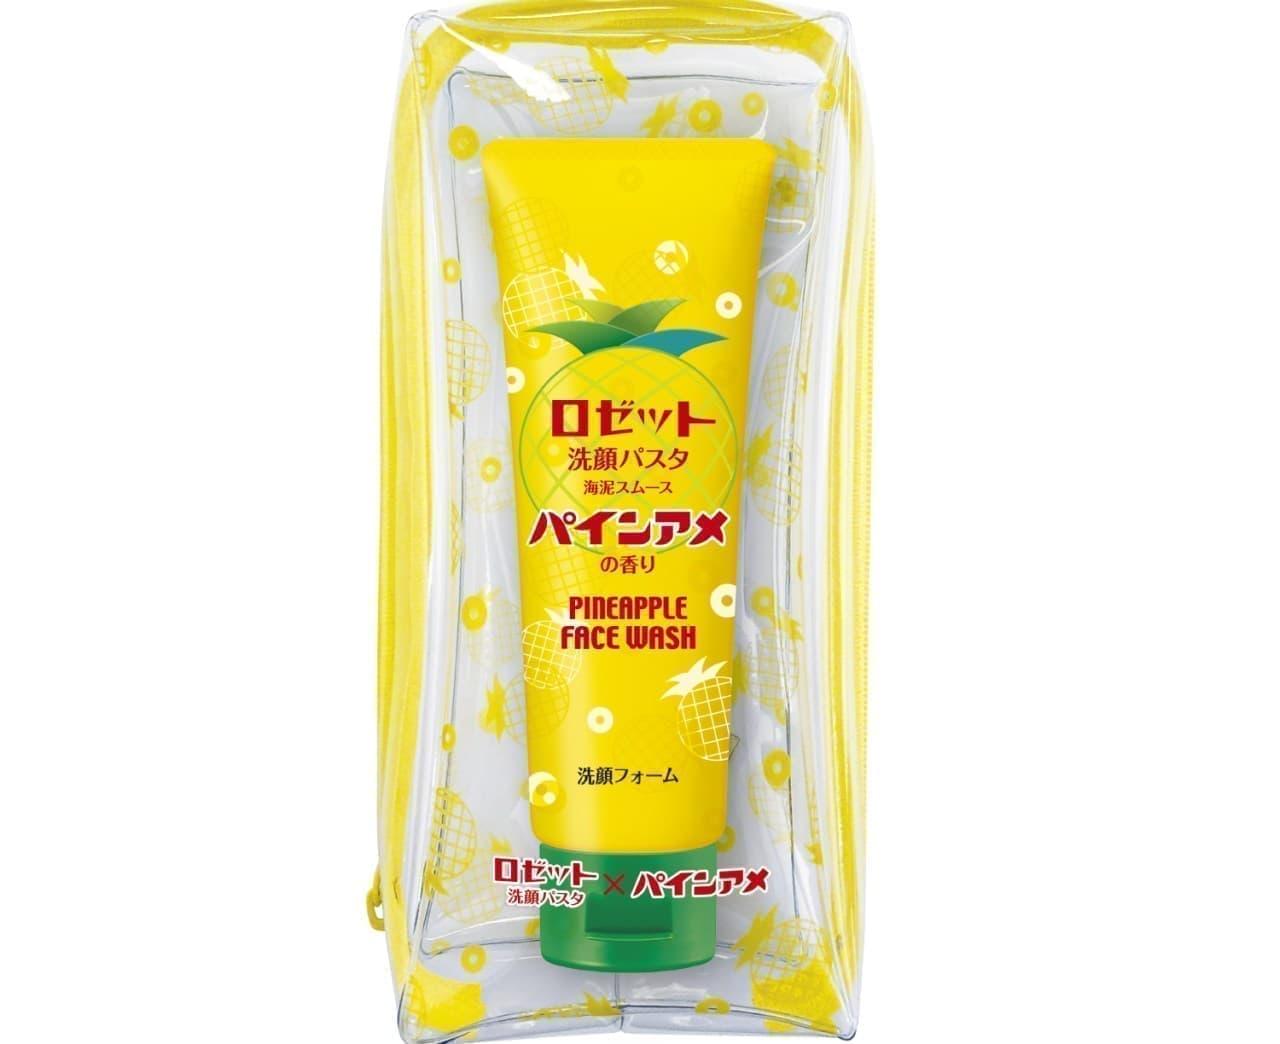 パインアメで洗顔した気分♪「ロゼット洗顔パスタ 海泥スムース パインアメの香り」発売